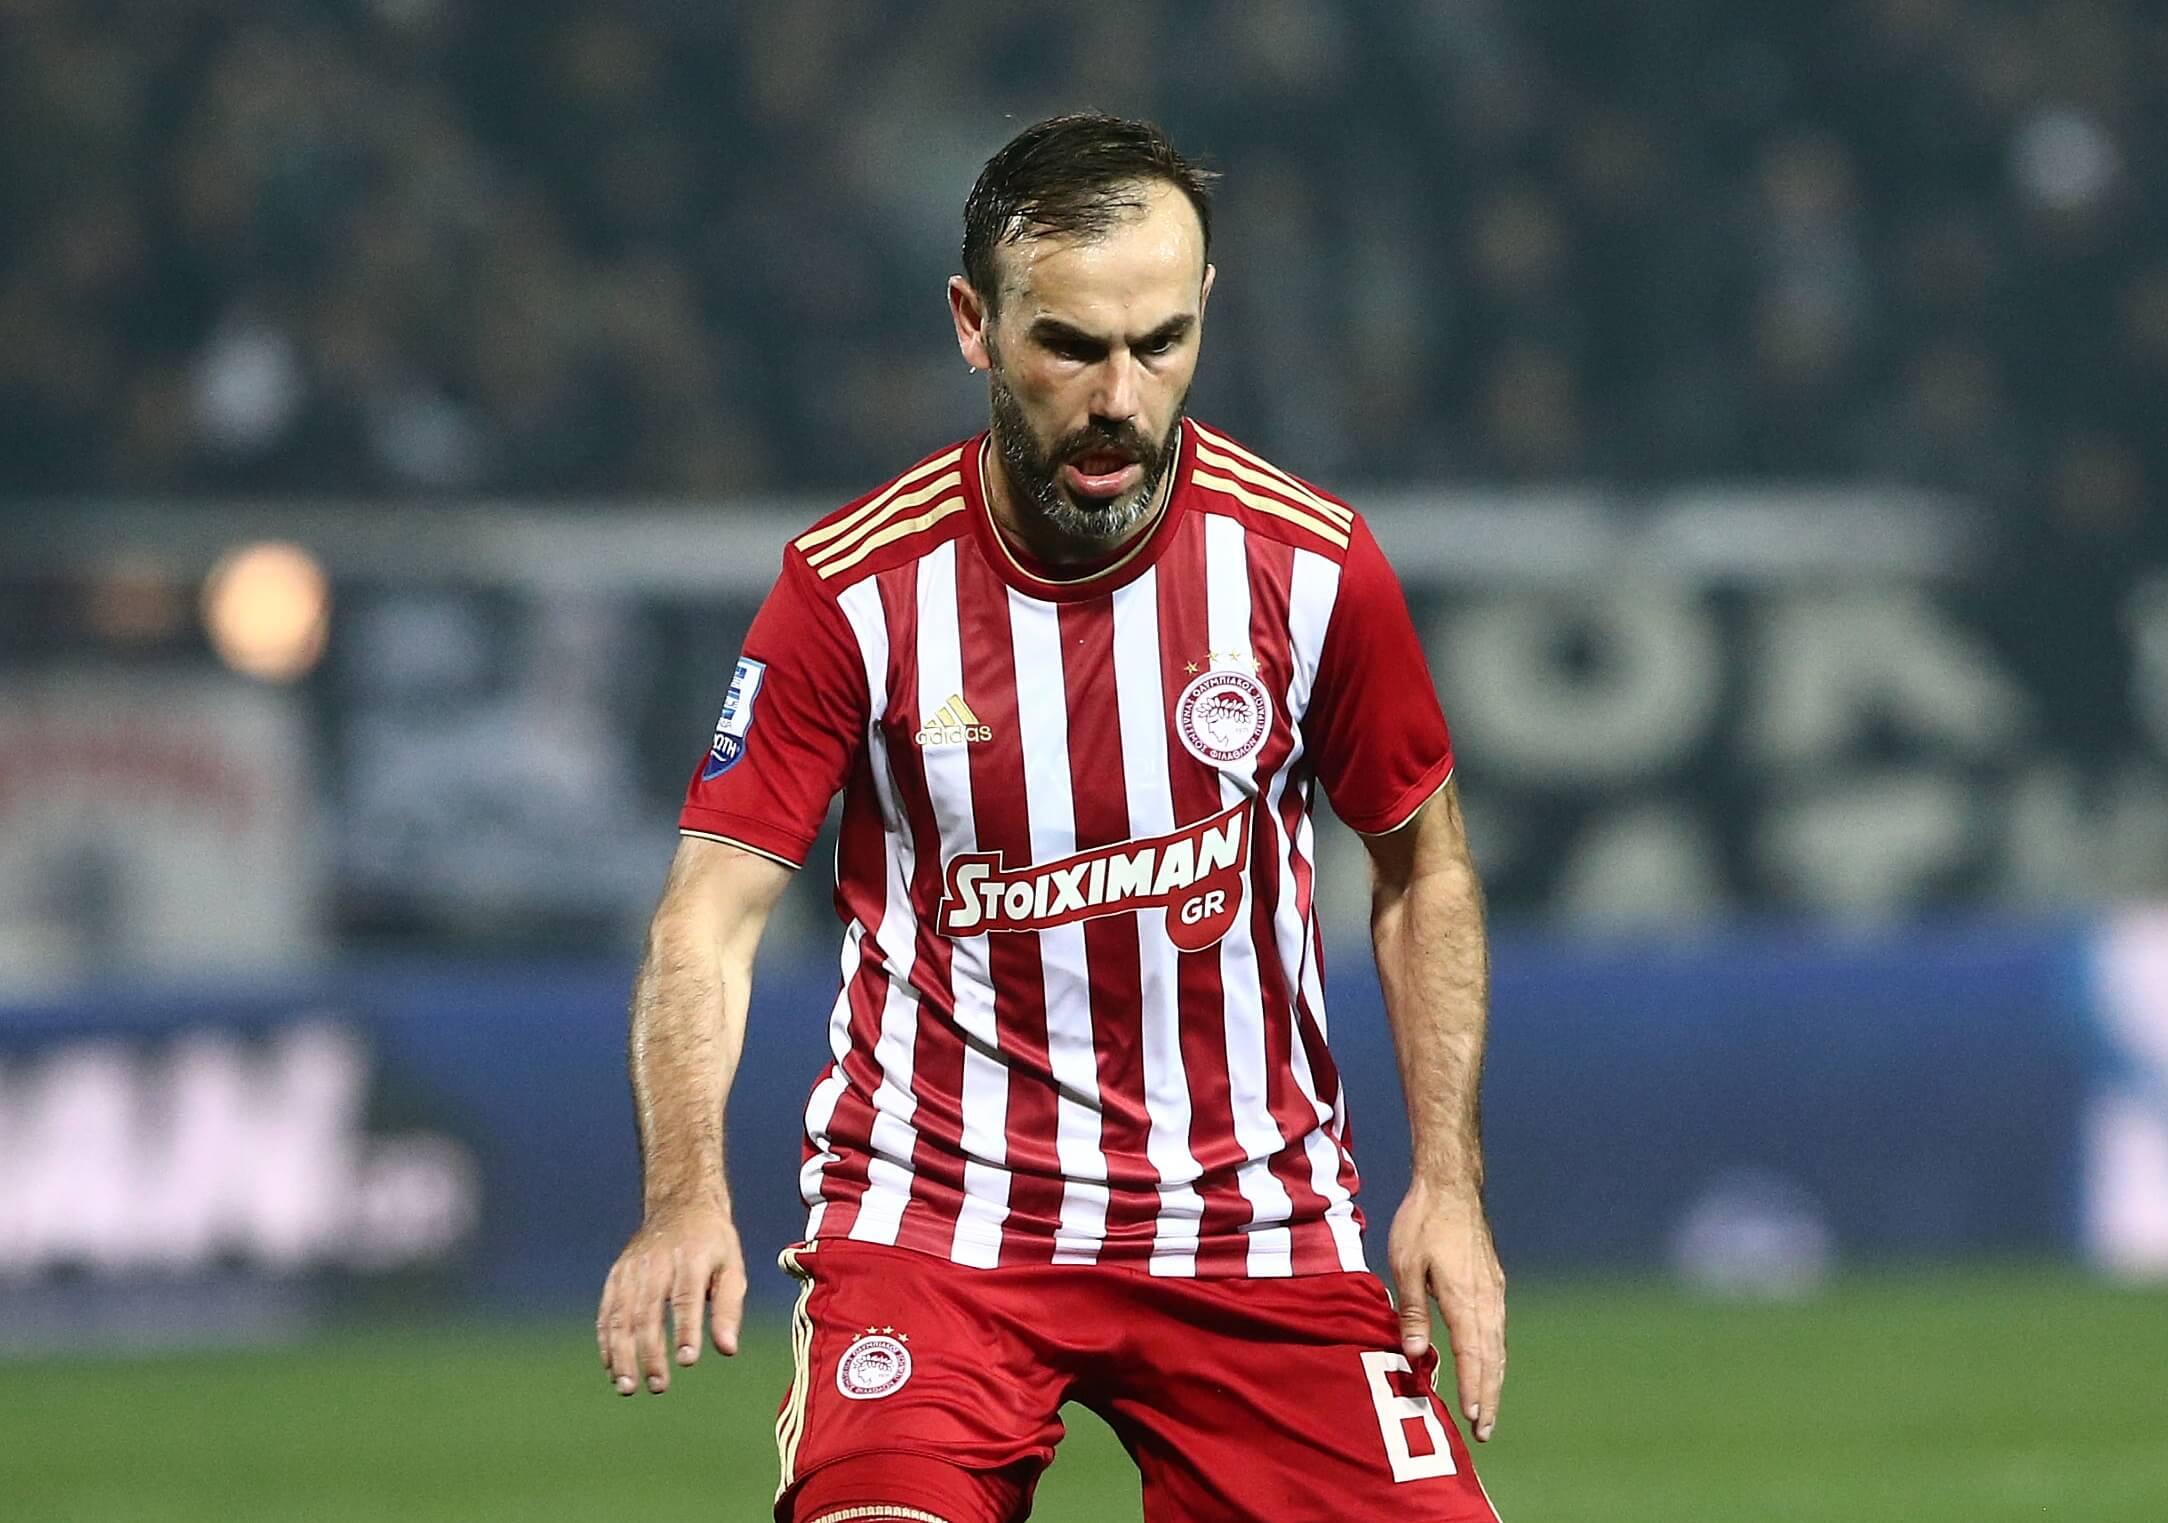 """Ολυμπιακός – Νάτχο: """"Μου αρέσει ο σύλλογος, αλλά θέλω να παίζω κιόλας"""""""